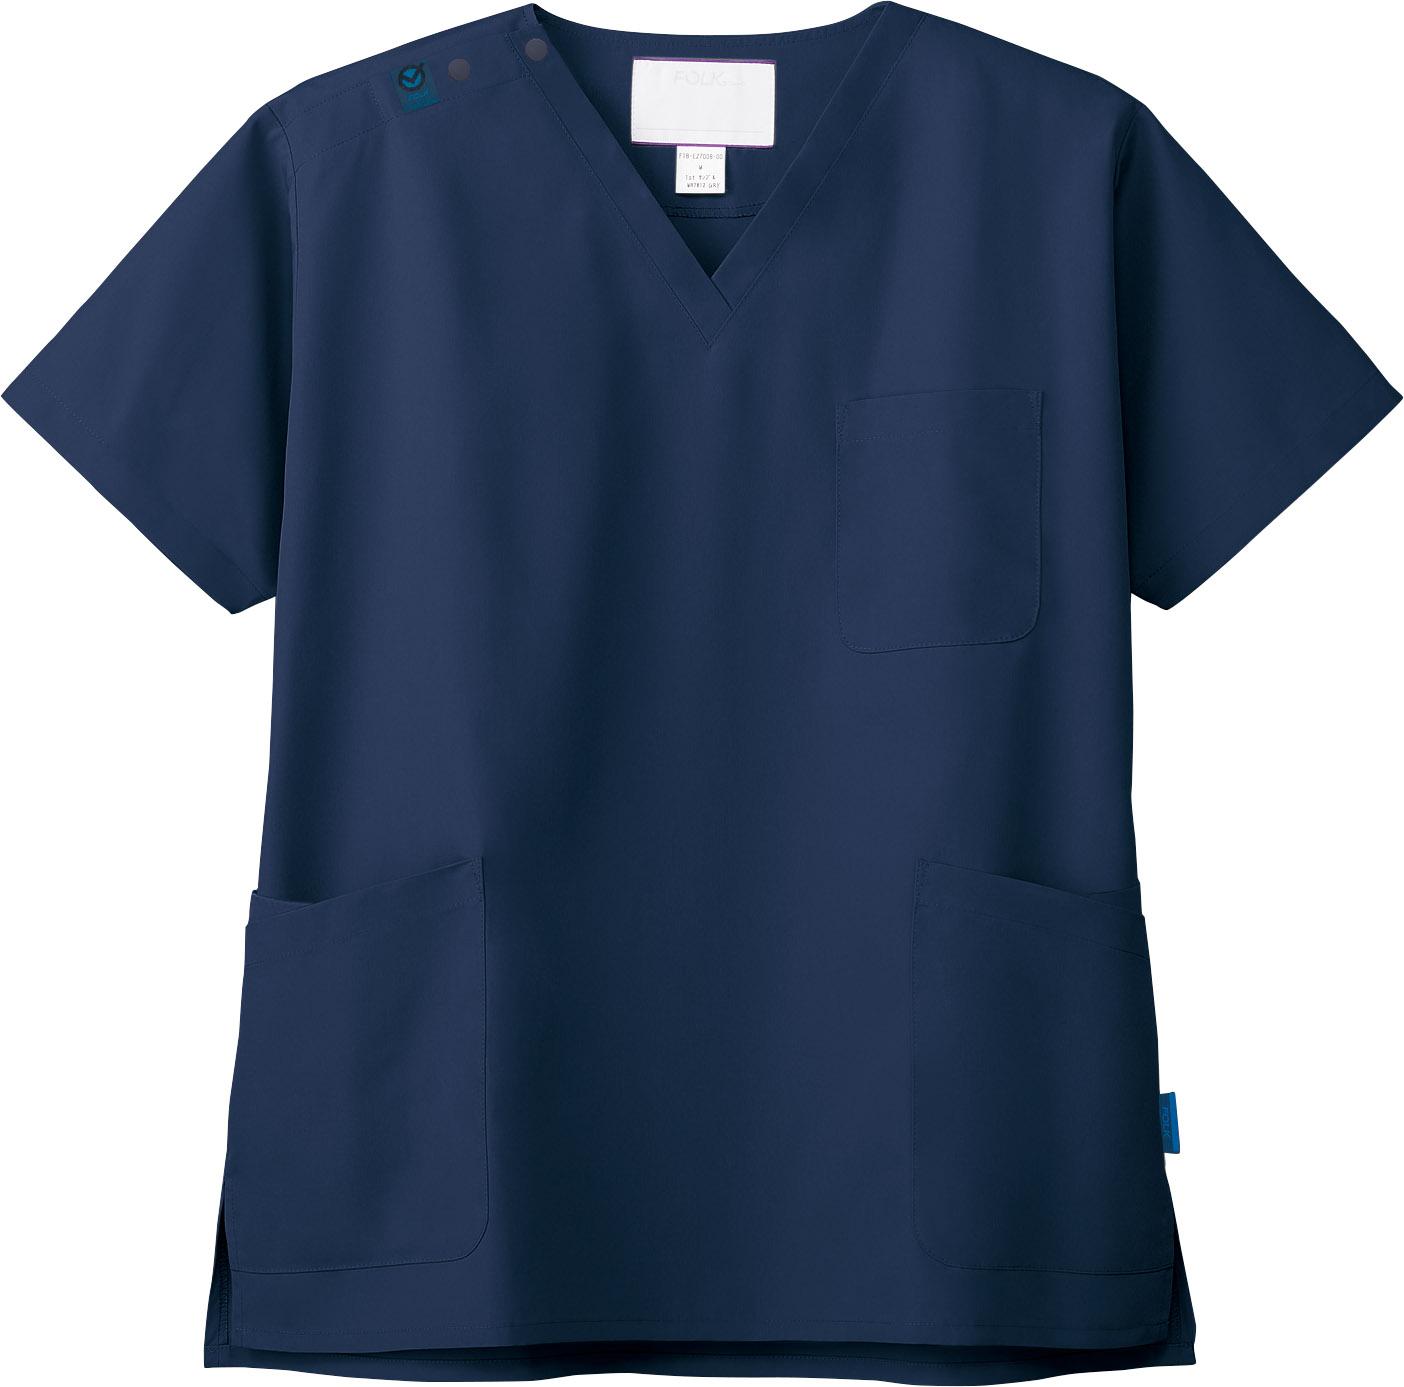 ジア・スクラブ(男女兼用)販売。刺繍、プリント加工対応します。研修医、医療チームウェアに人気